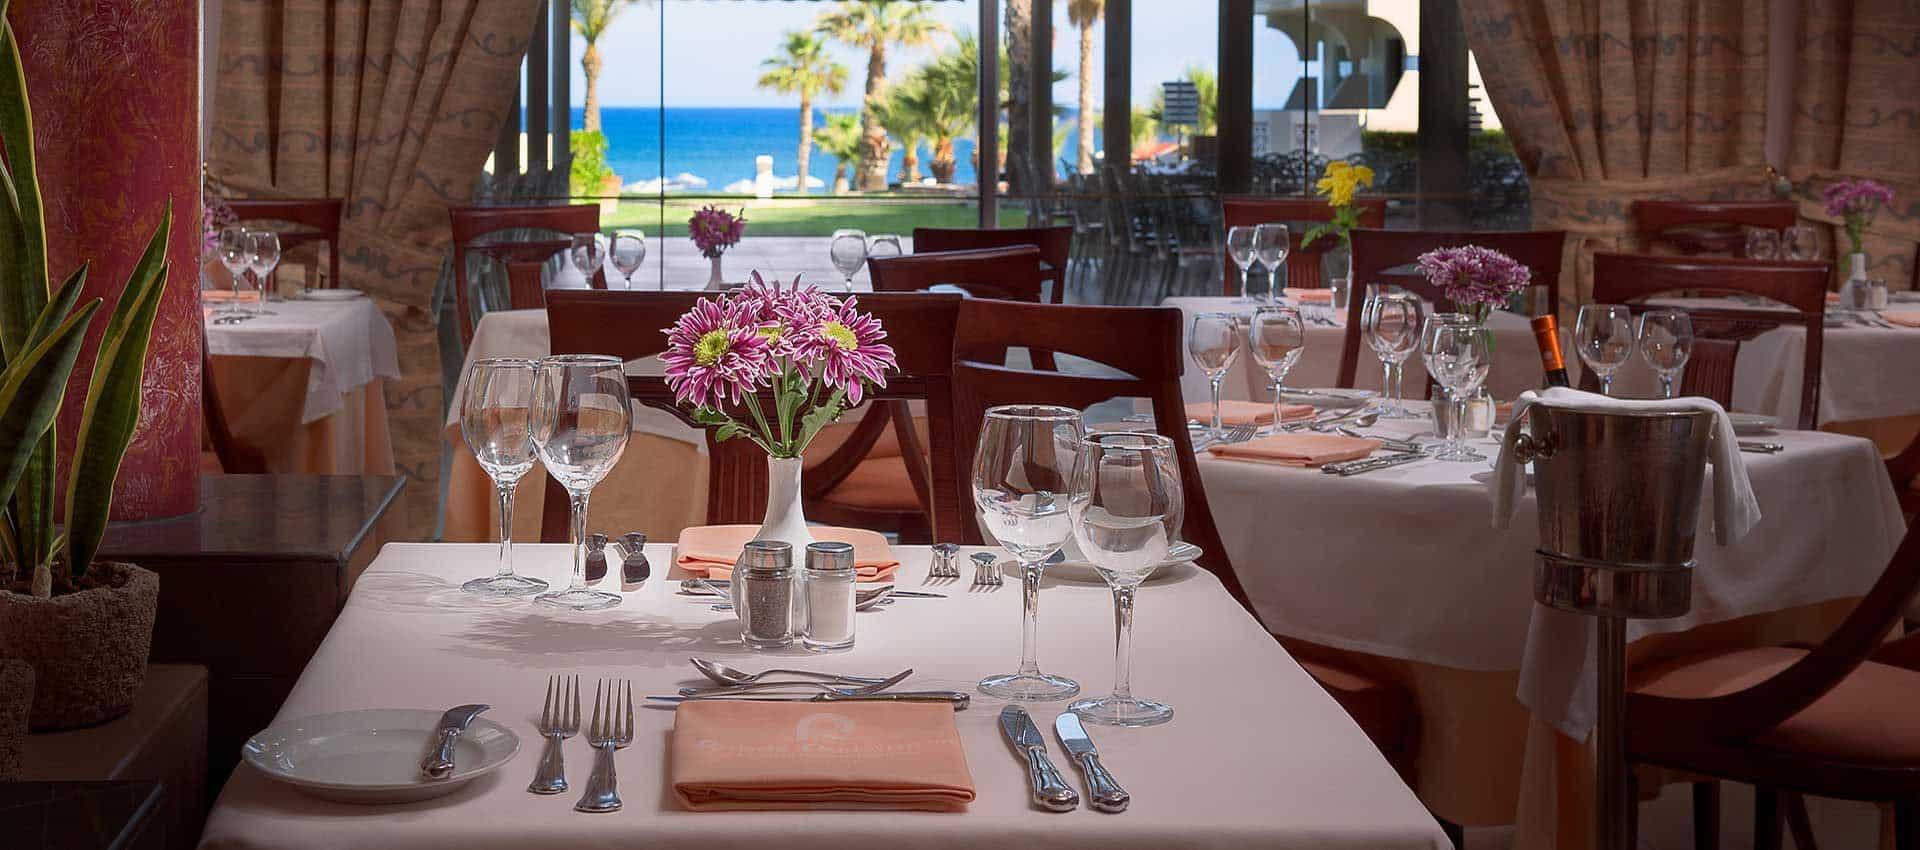 Symposium Main Restaurant